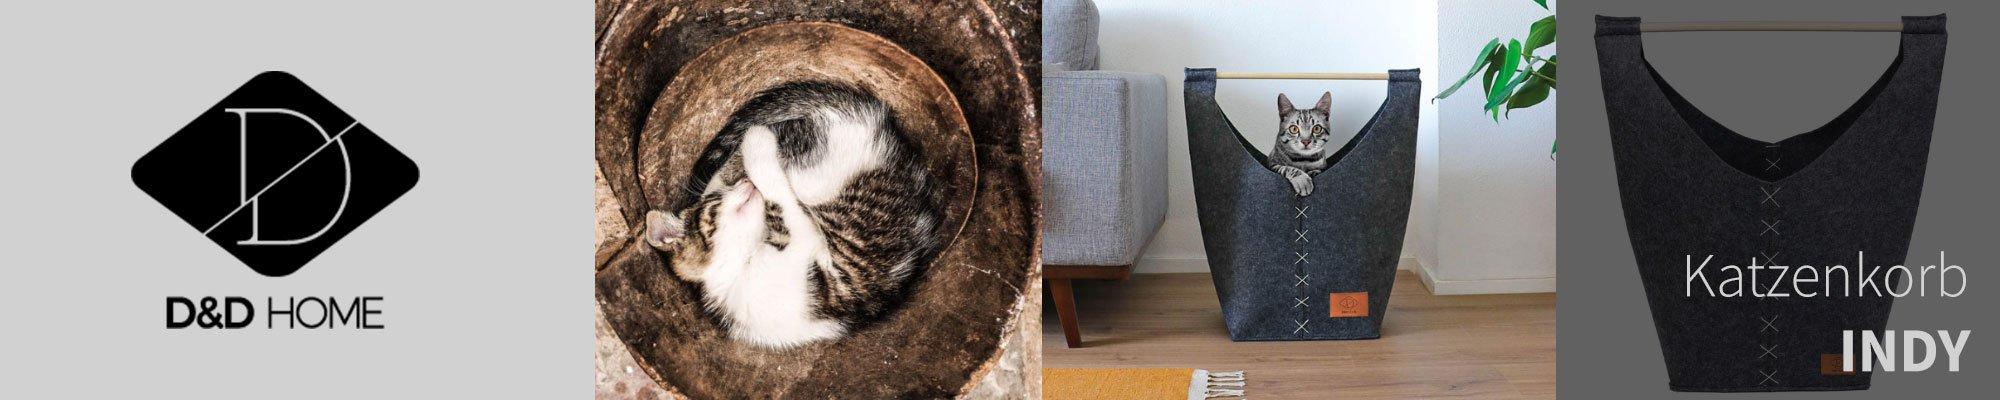 D&D Home Collection für Katzen und Hunde, Bild 7